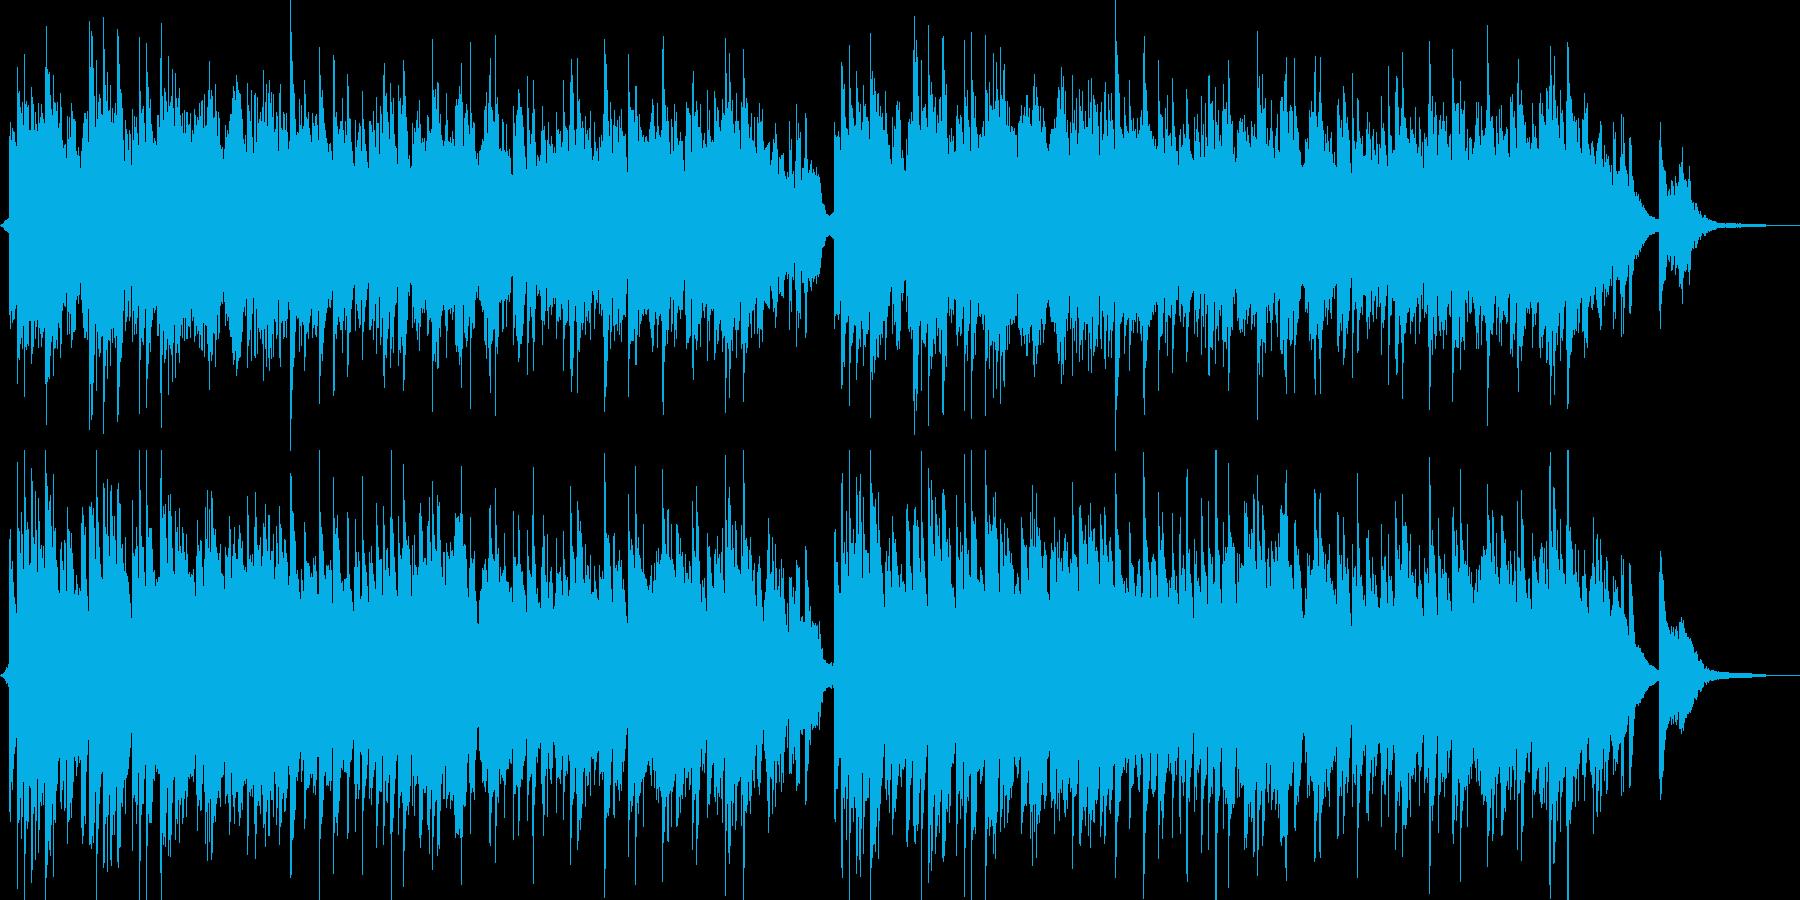 やさしい幻想的なピアノ曲の再生済みの波形